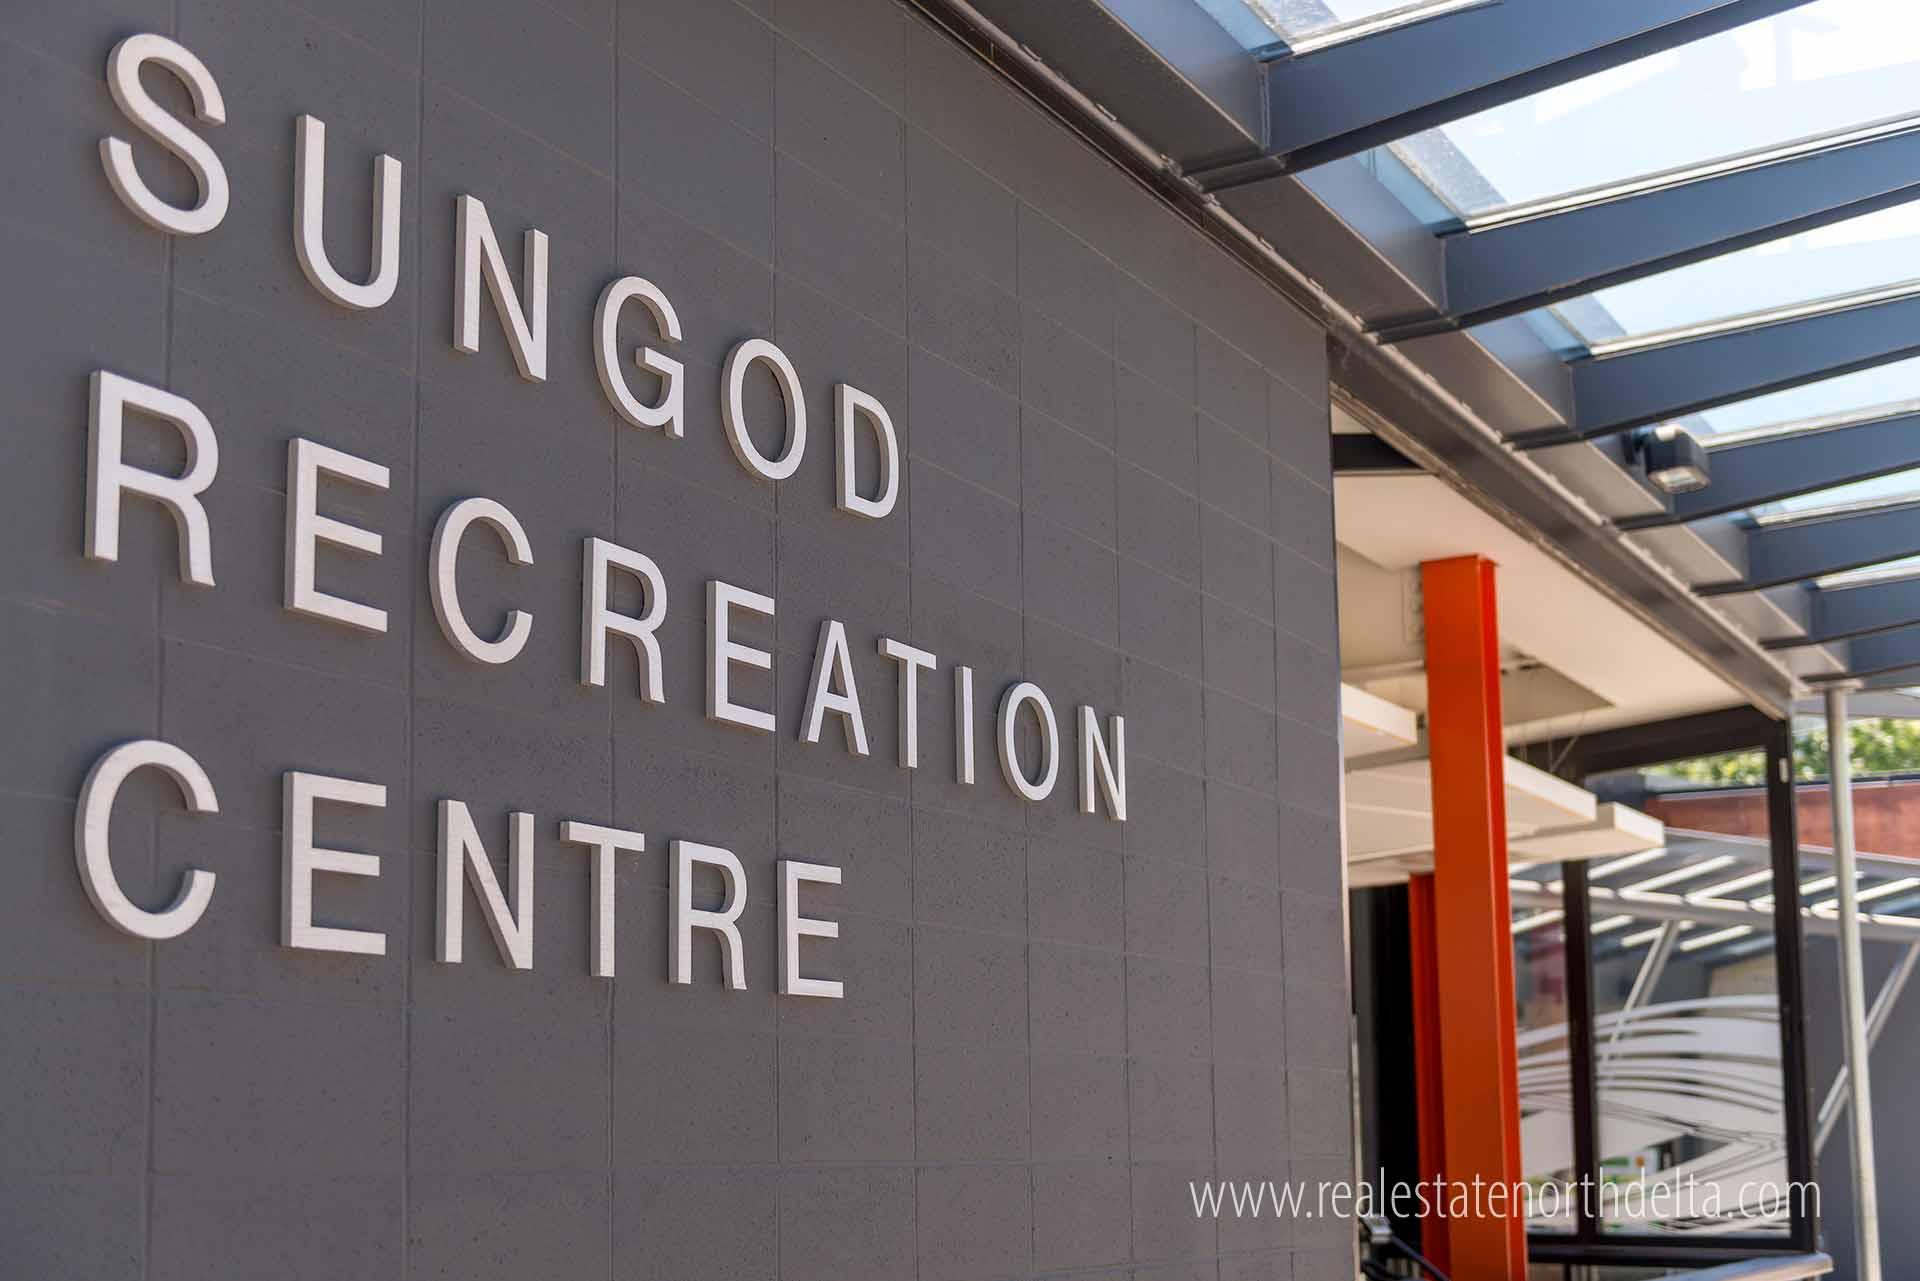 Sungod Rec Centre